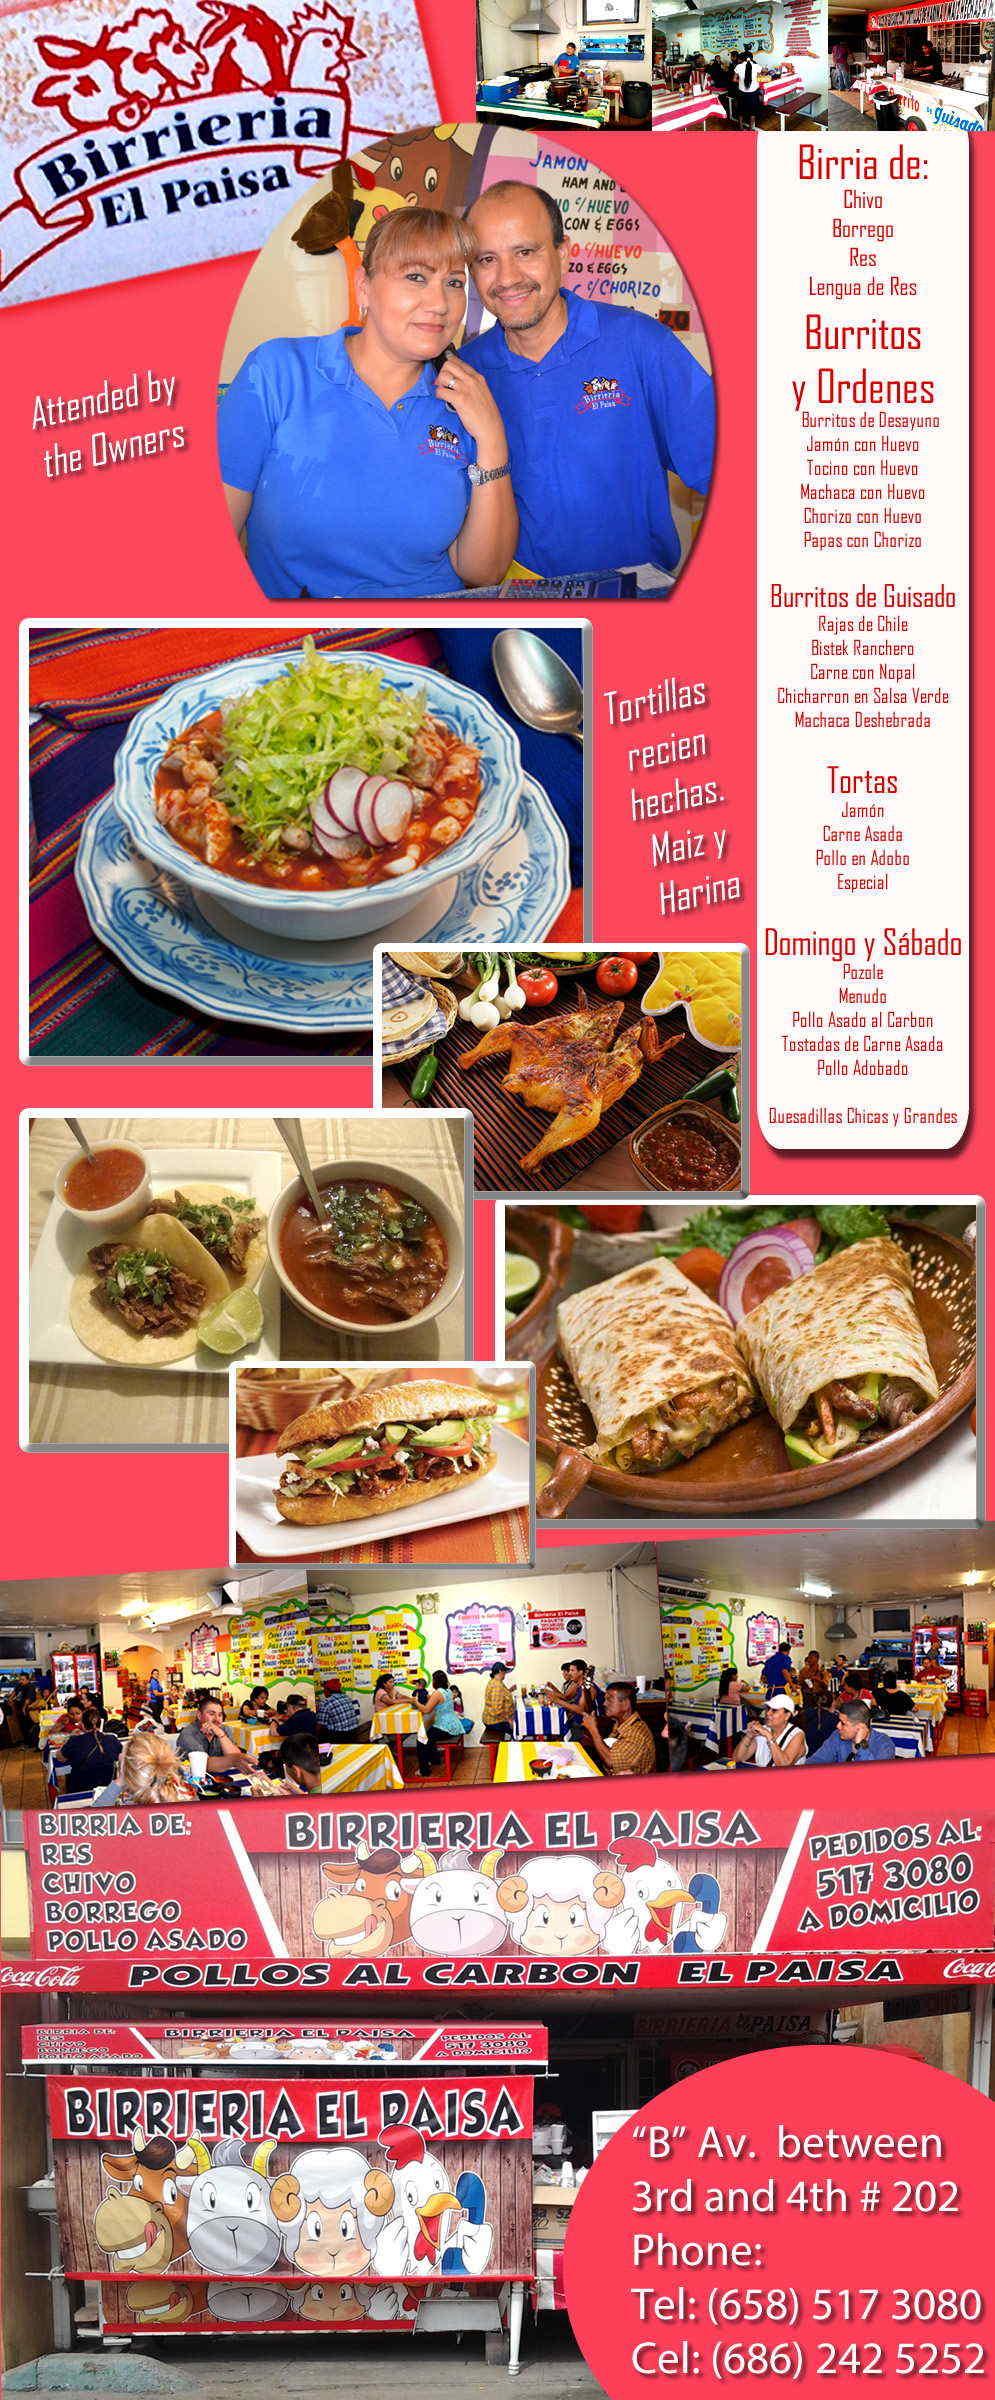 Birrieria El Paisa in Algodones  in Algodones  Restaurant     Restaurant birrieria comidas pollo tacos quesadillas burritos guisados paisa desayunos tortas tostadas